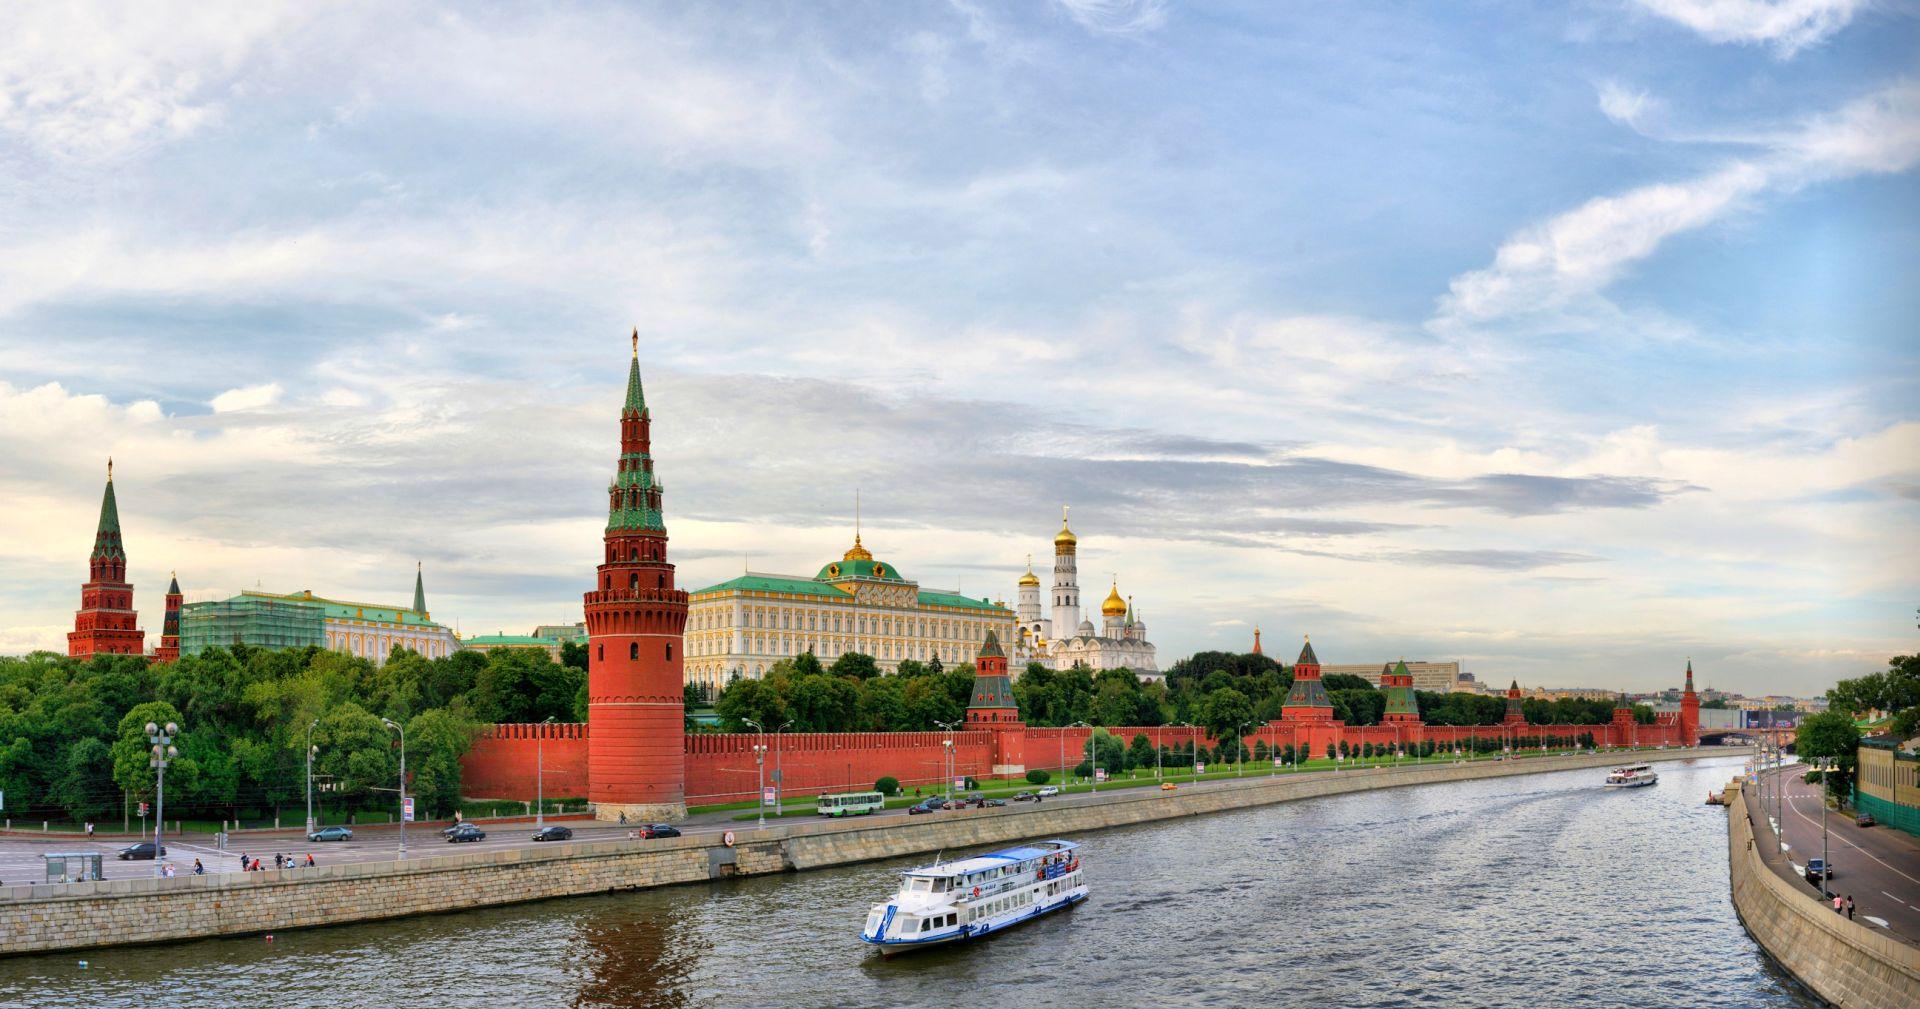 moskva.jpg (1920×1009)